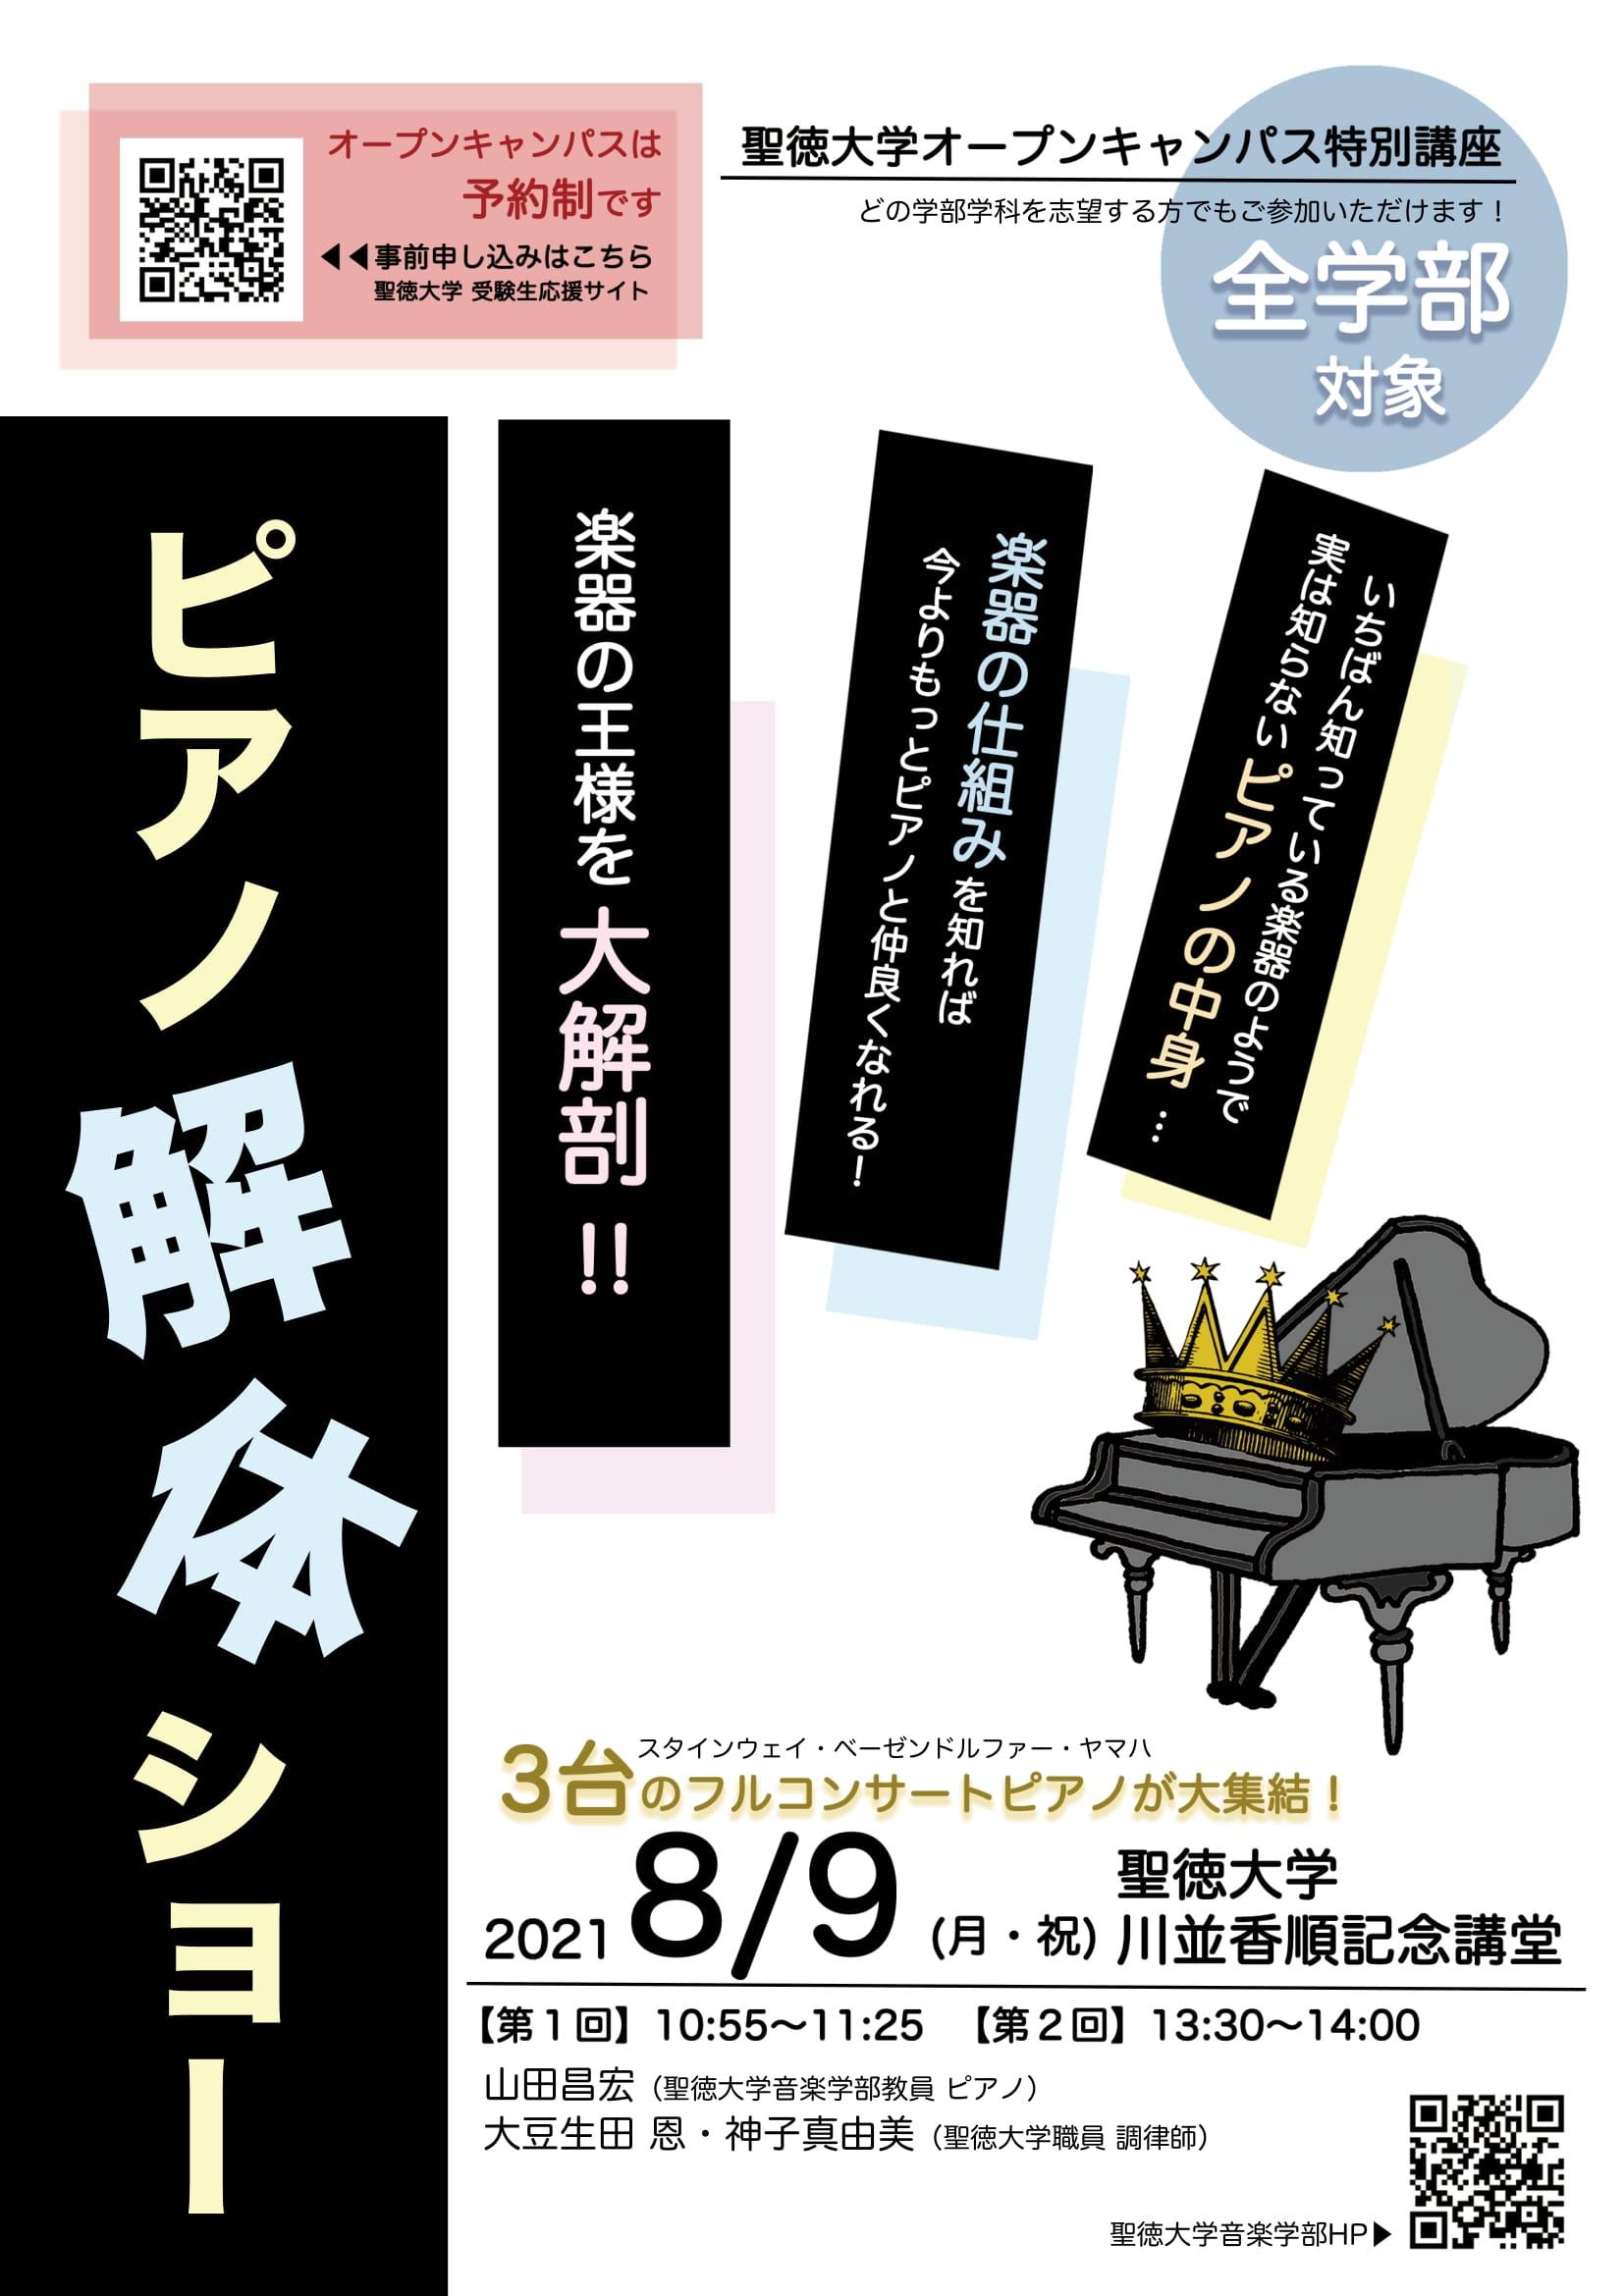 8/9(月・祝) 音楽学部は「ピアノ解体ショー」「体験授業:コンピュータ音楽制作の色々」~来校型オープンキャンパスへどうぞ!~〔予約制〕